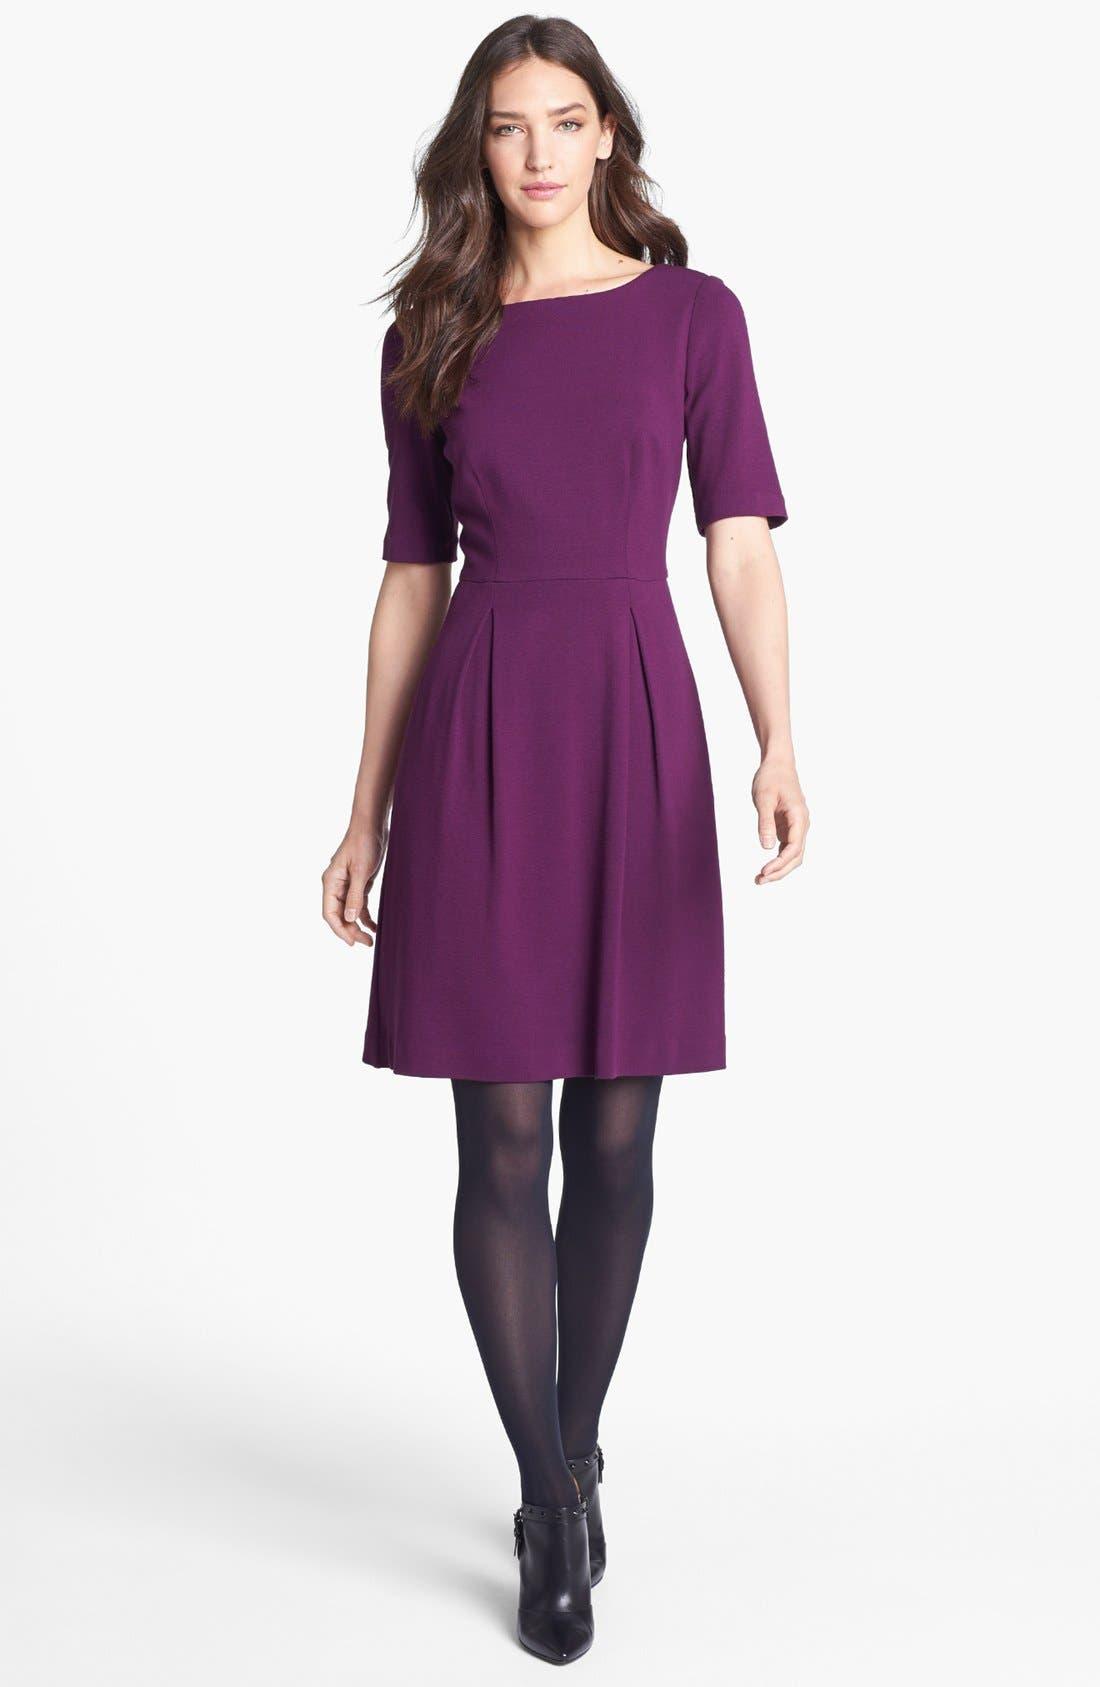 Main Image - Trina Turk Ponte Knit A-Line Dress